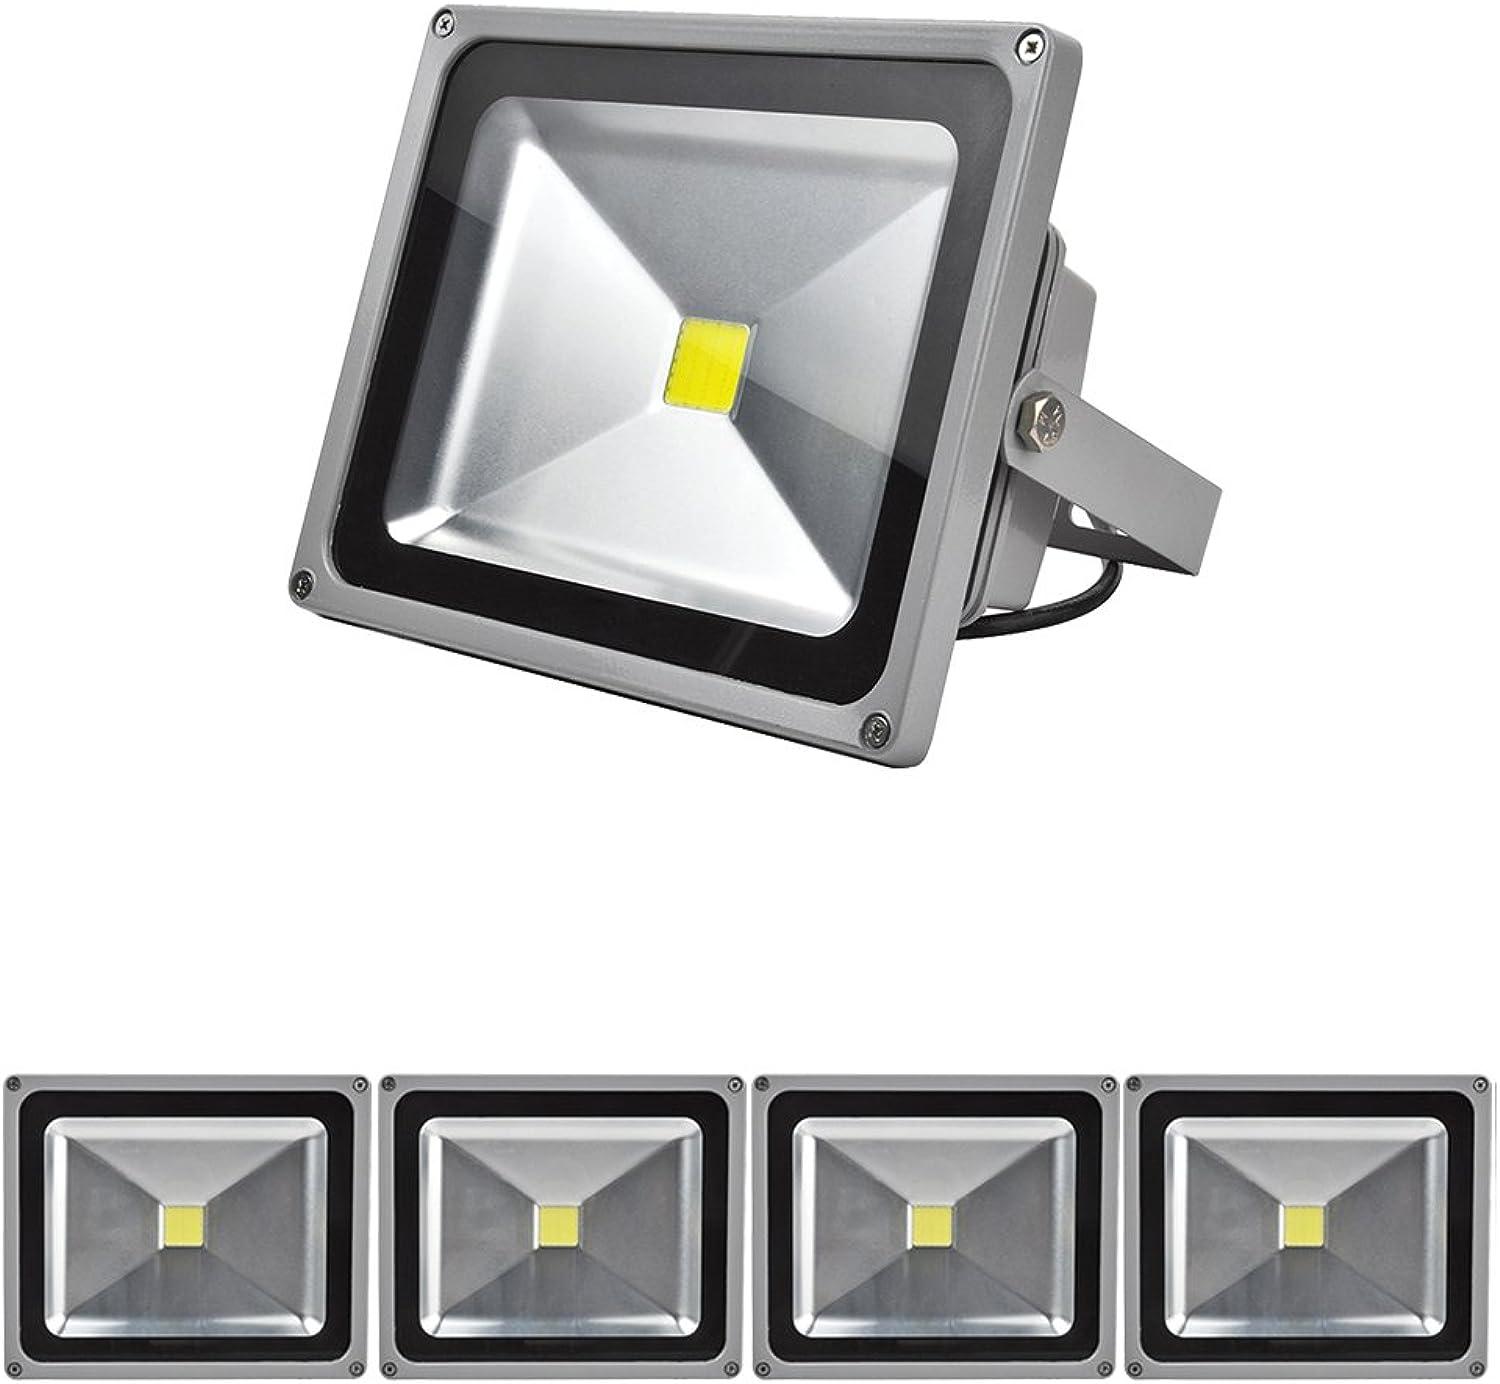 Grünmigo 5x 30W LED Fluter Strahler Gartenlampe Kaltwei Licht mit Silbergrau Aluminium Gehuse Wasserdicht IP65 85-265V